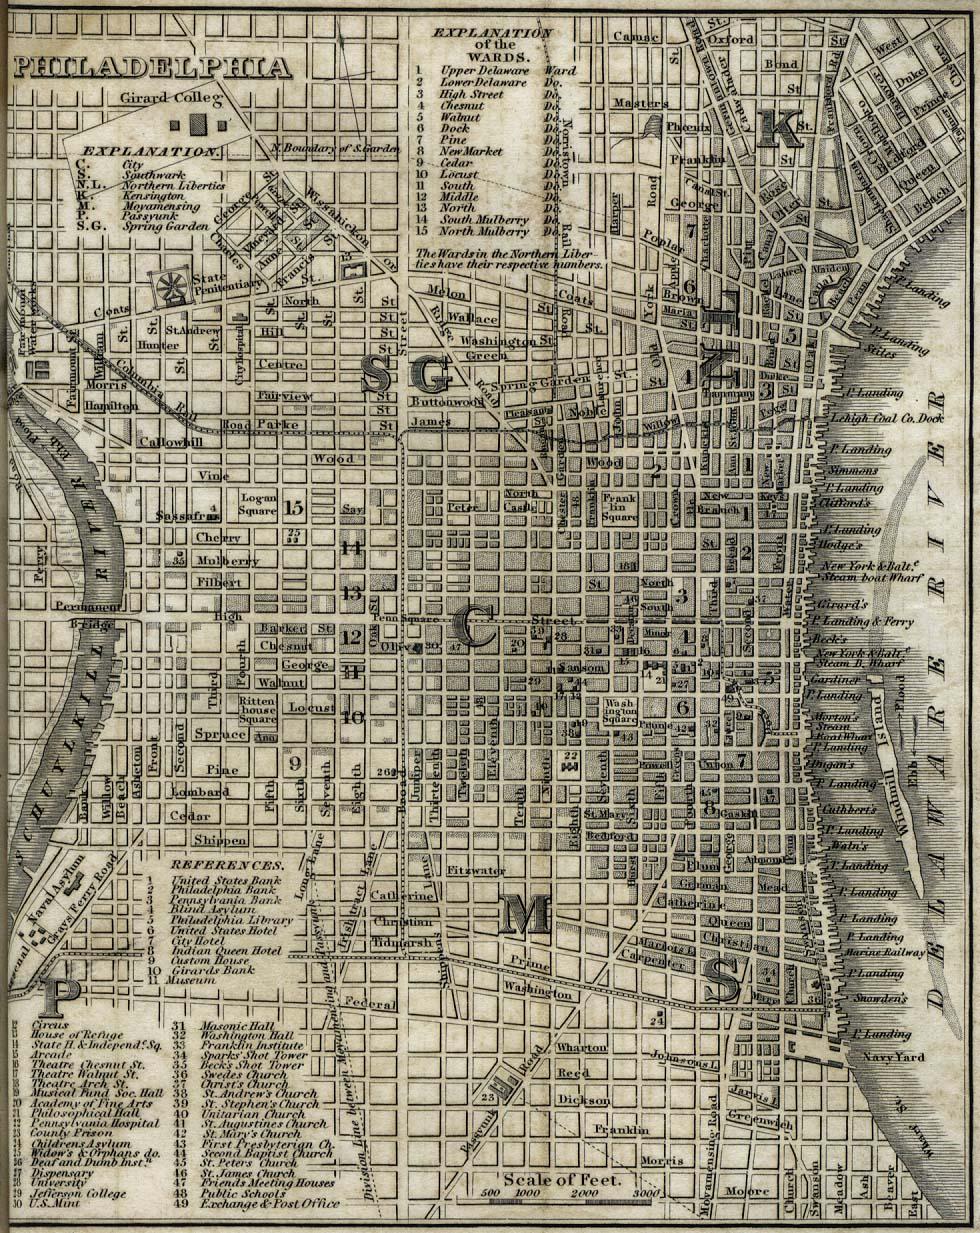 Mapa de la Ciudad de Filadelfia, Pensilvania, Estados Unidos 1842